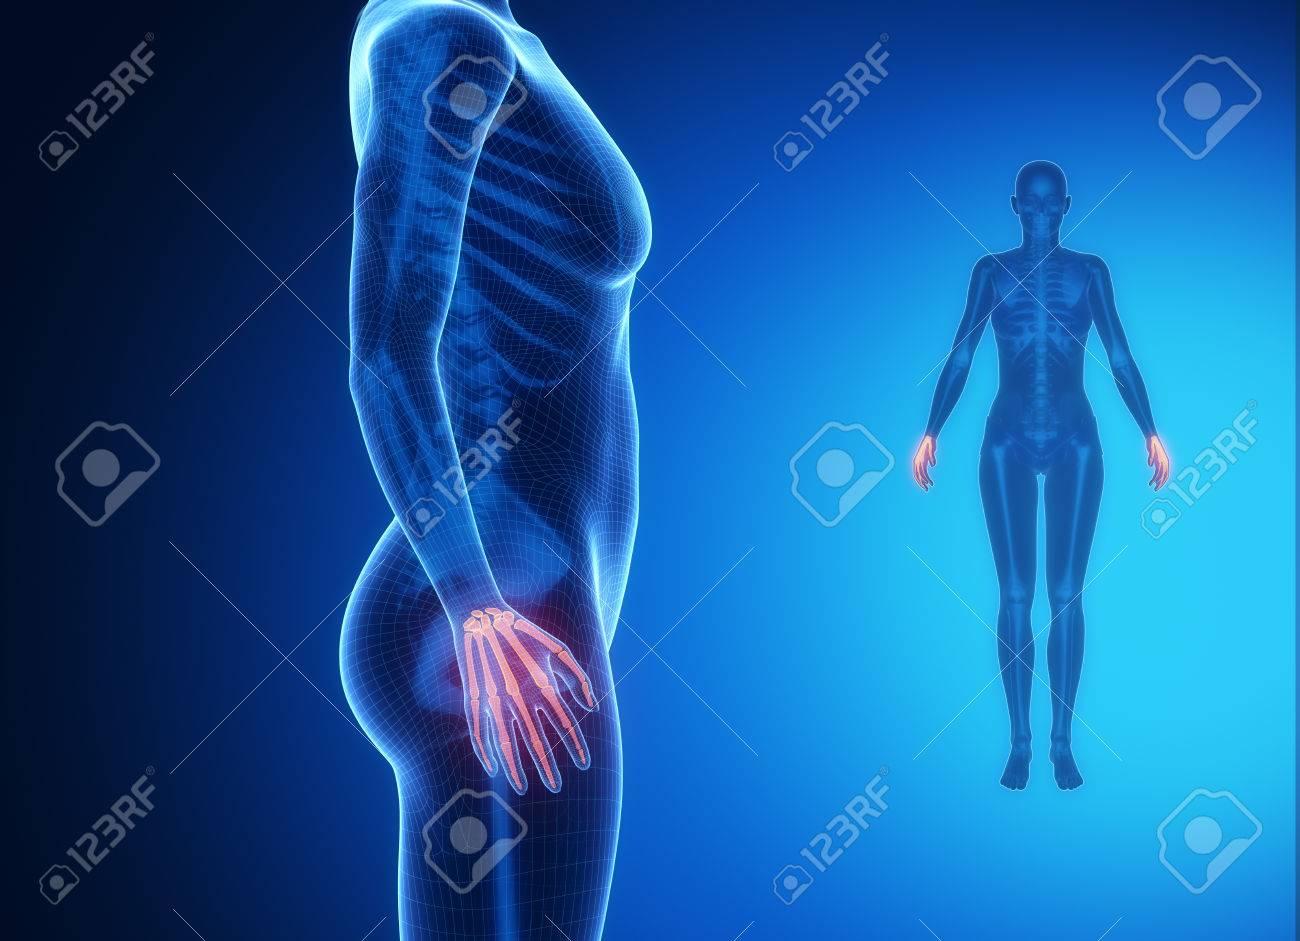 Excelente Anatomía ósea De La Muñeca Elaboración - Imágenes de ...